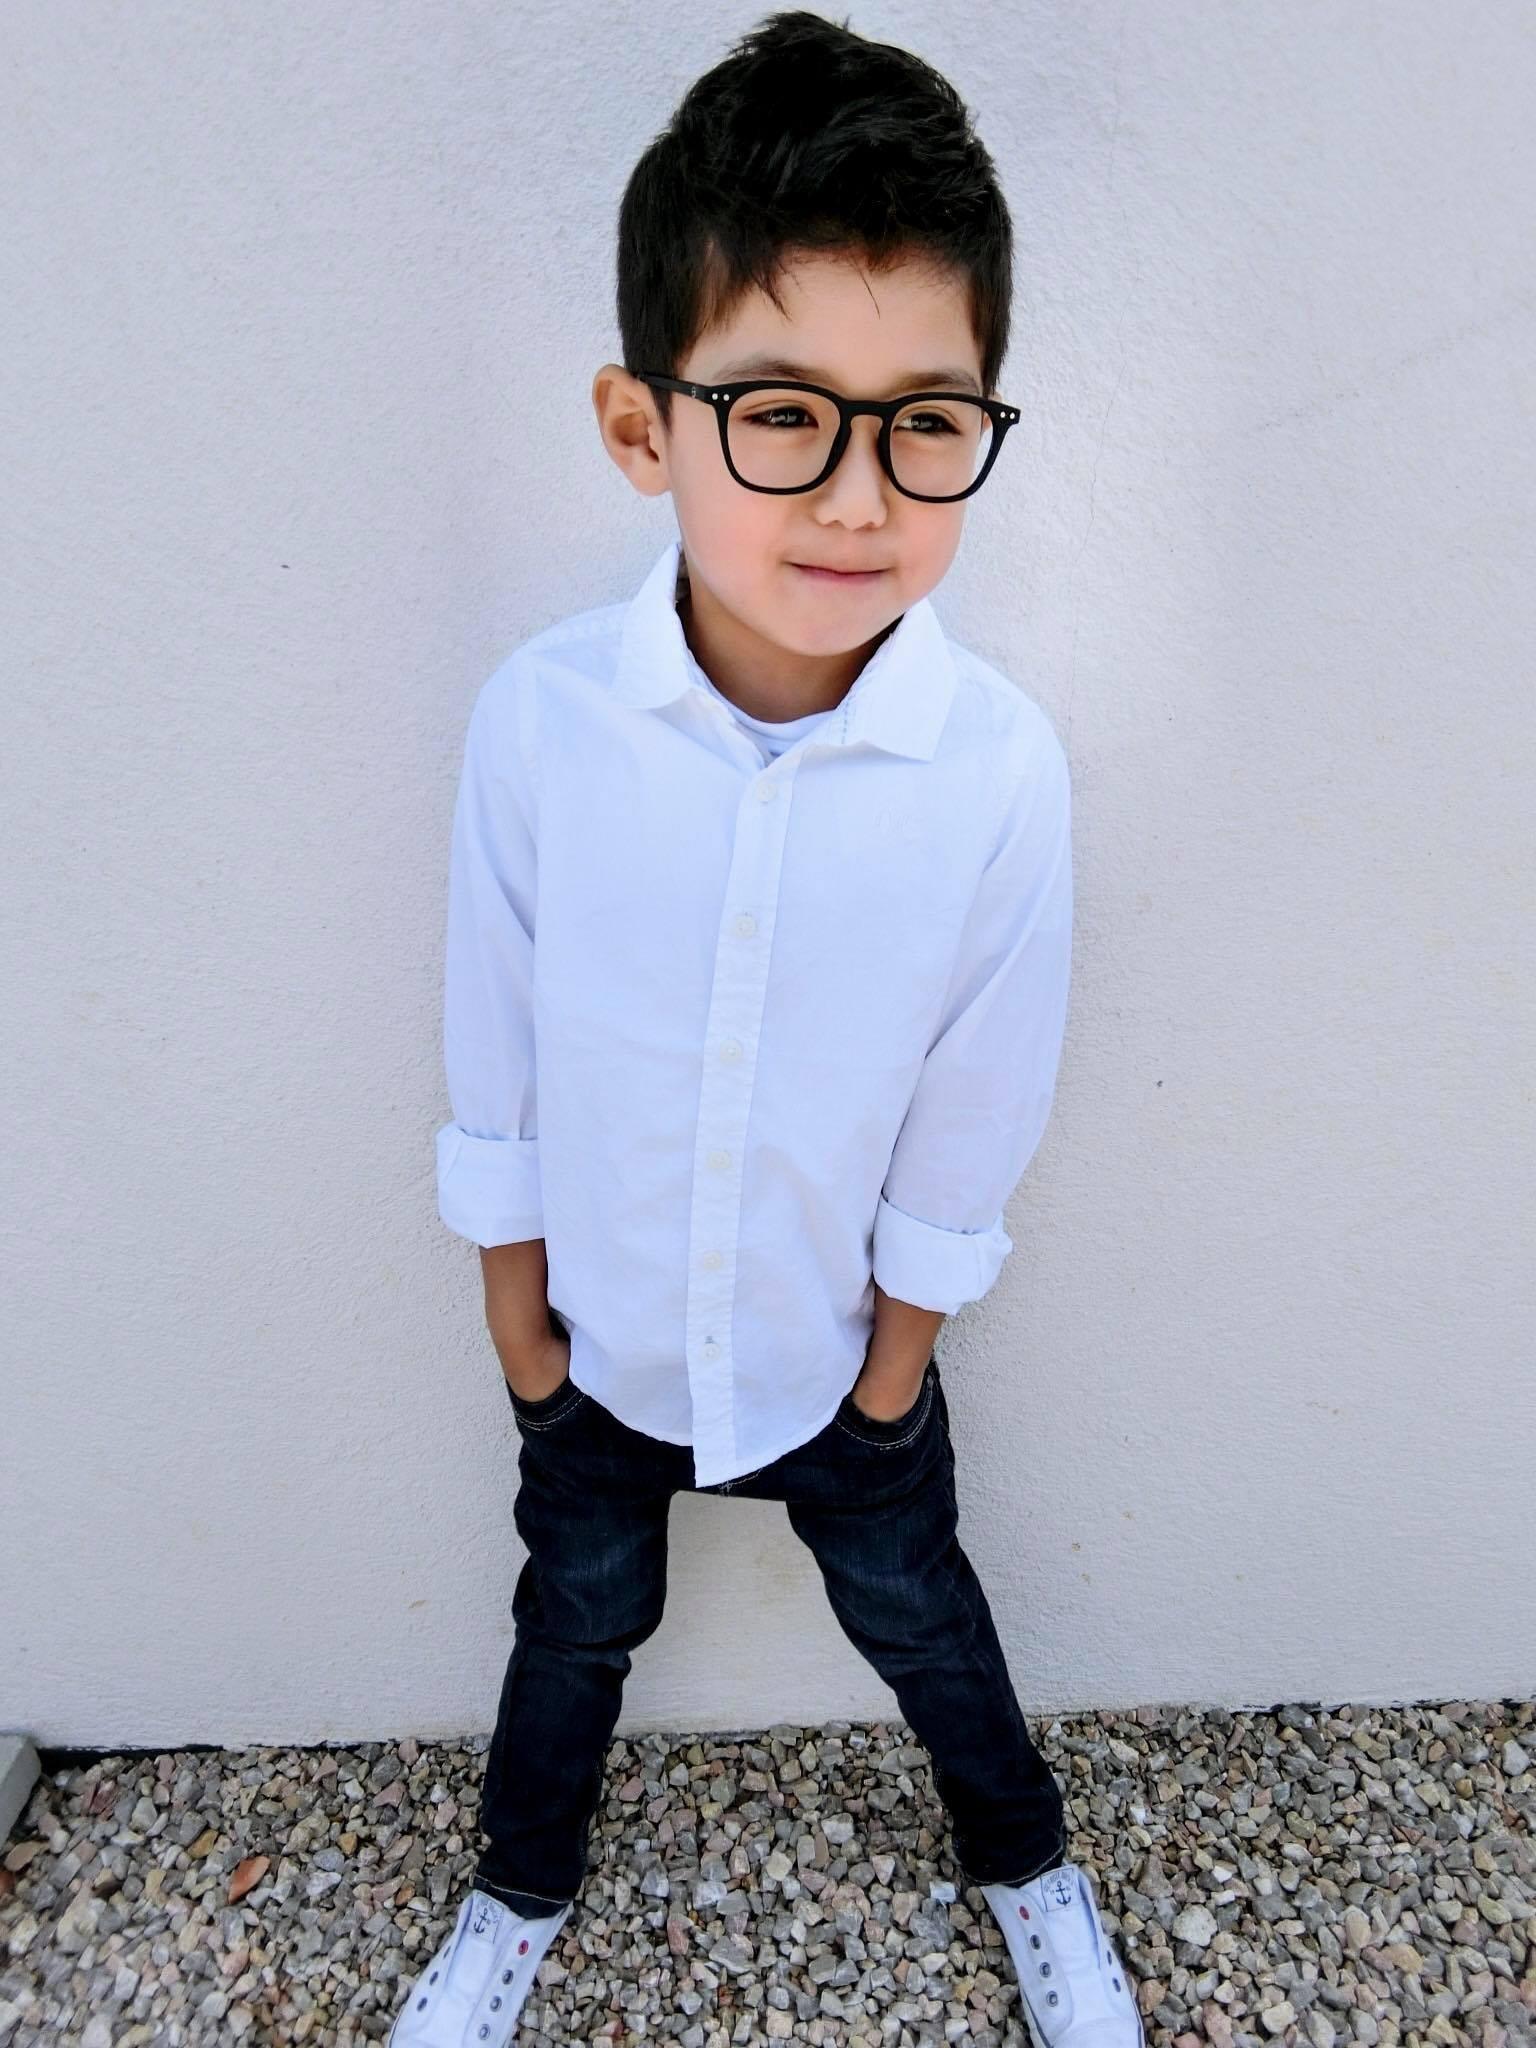 5岁亚历恋爱了! 为可爱小女生「穿白衬衫上学」帅翻